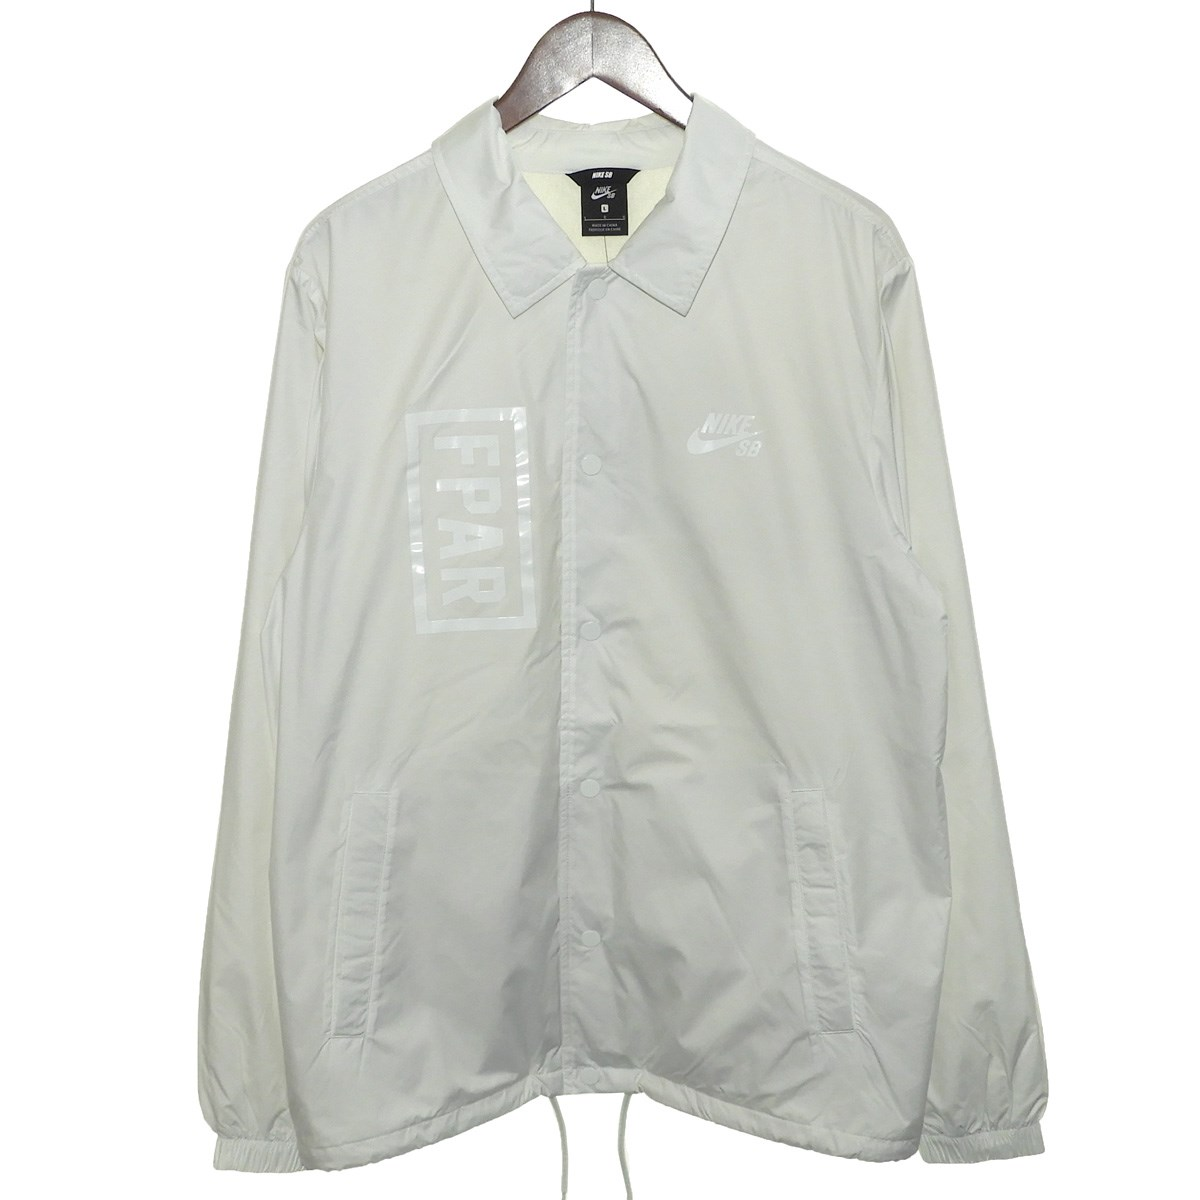 【中古】FPAR×NIKE SB2019AW コーチジャケット ホワイト サイズ:L【2月27日見直し】